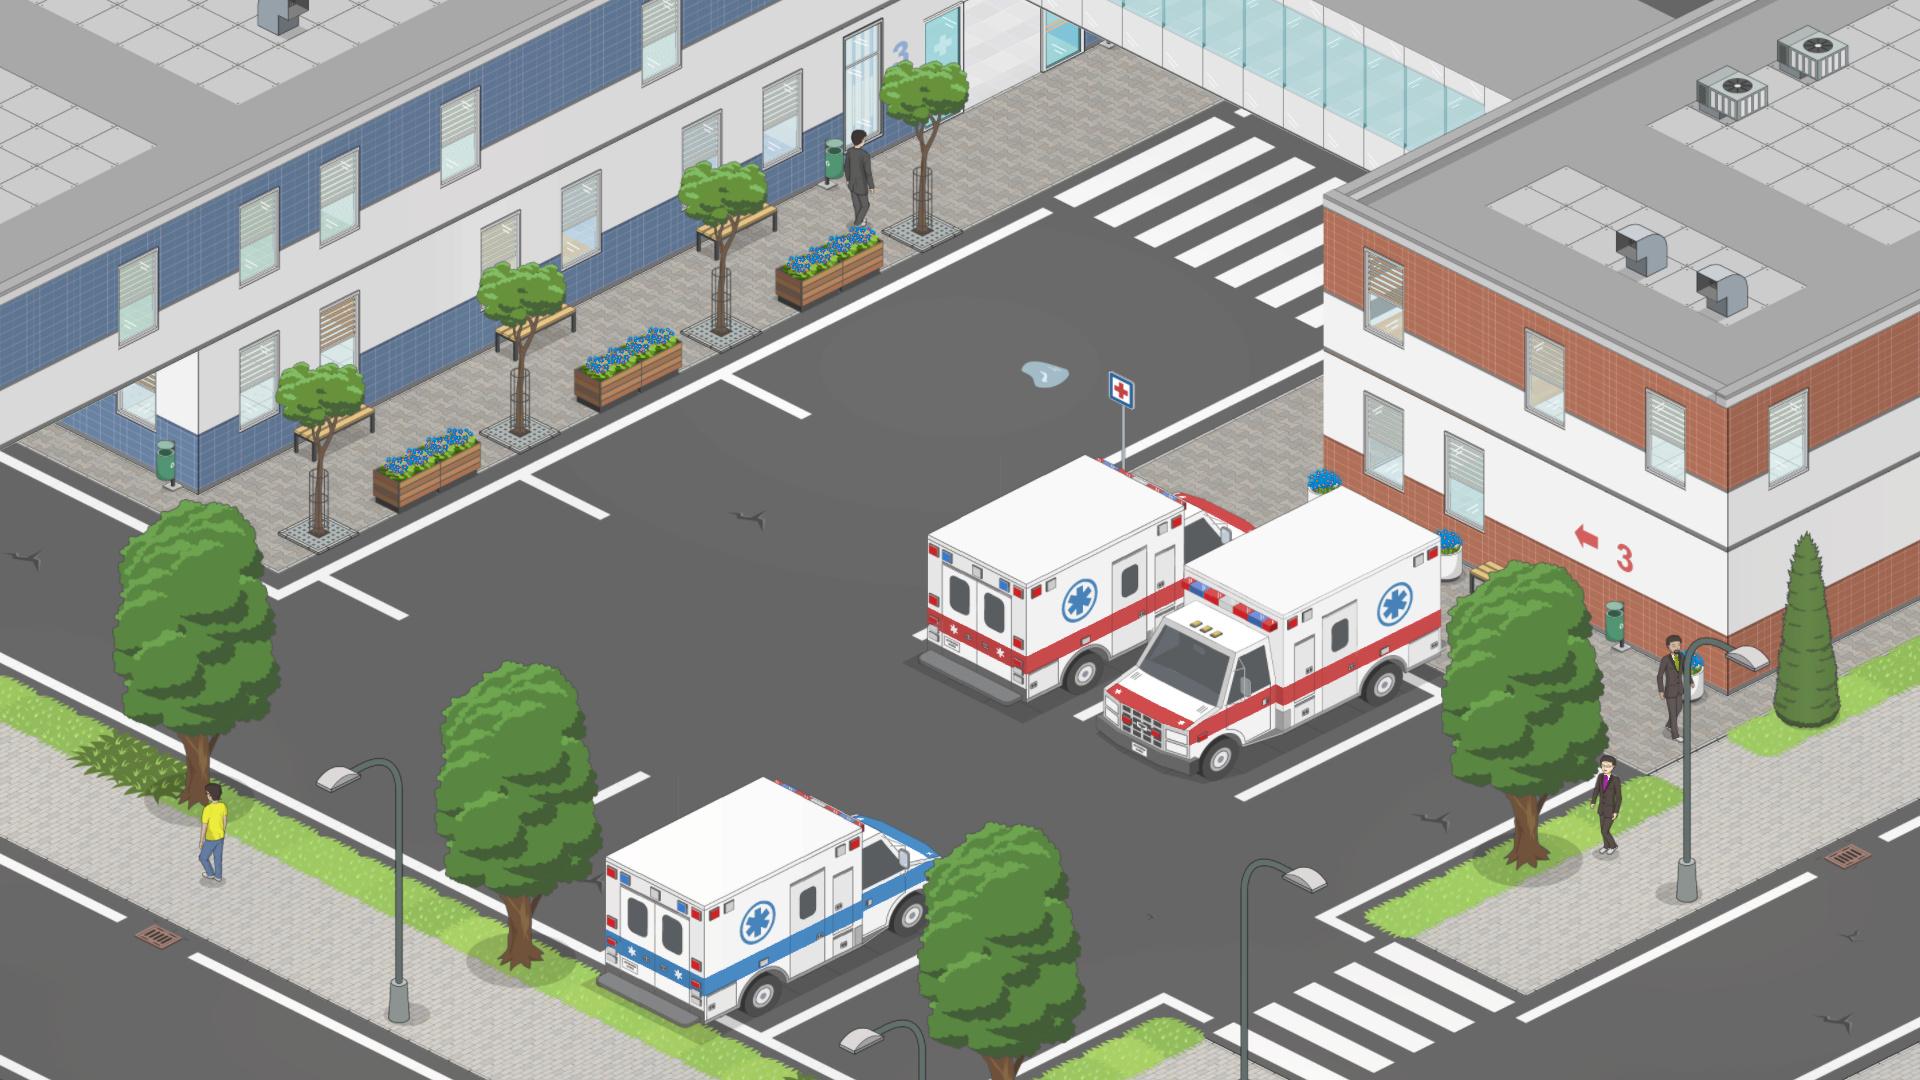 2018_06_27 - Screenshots: ambulance Ambula10